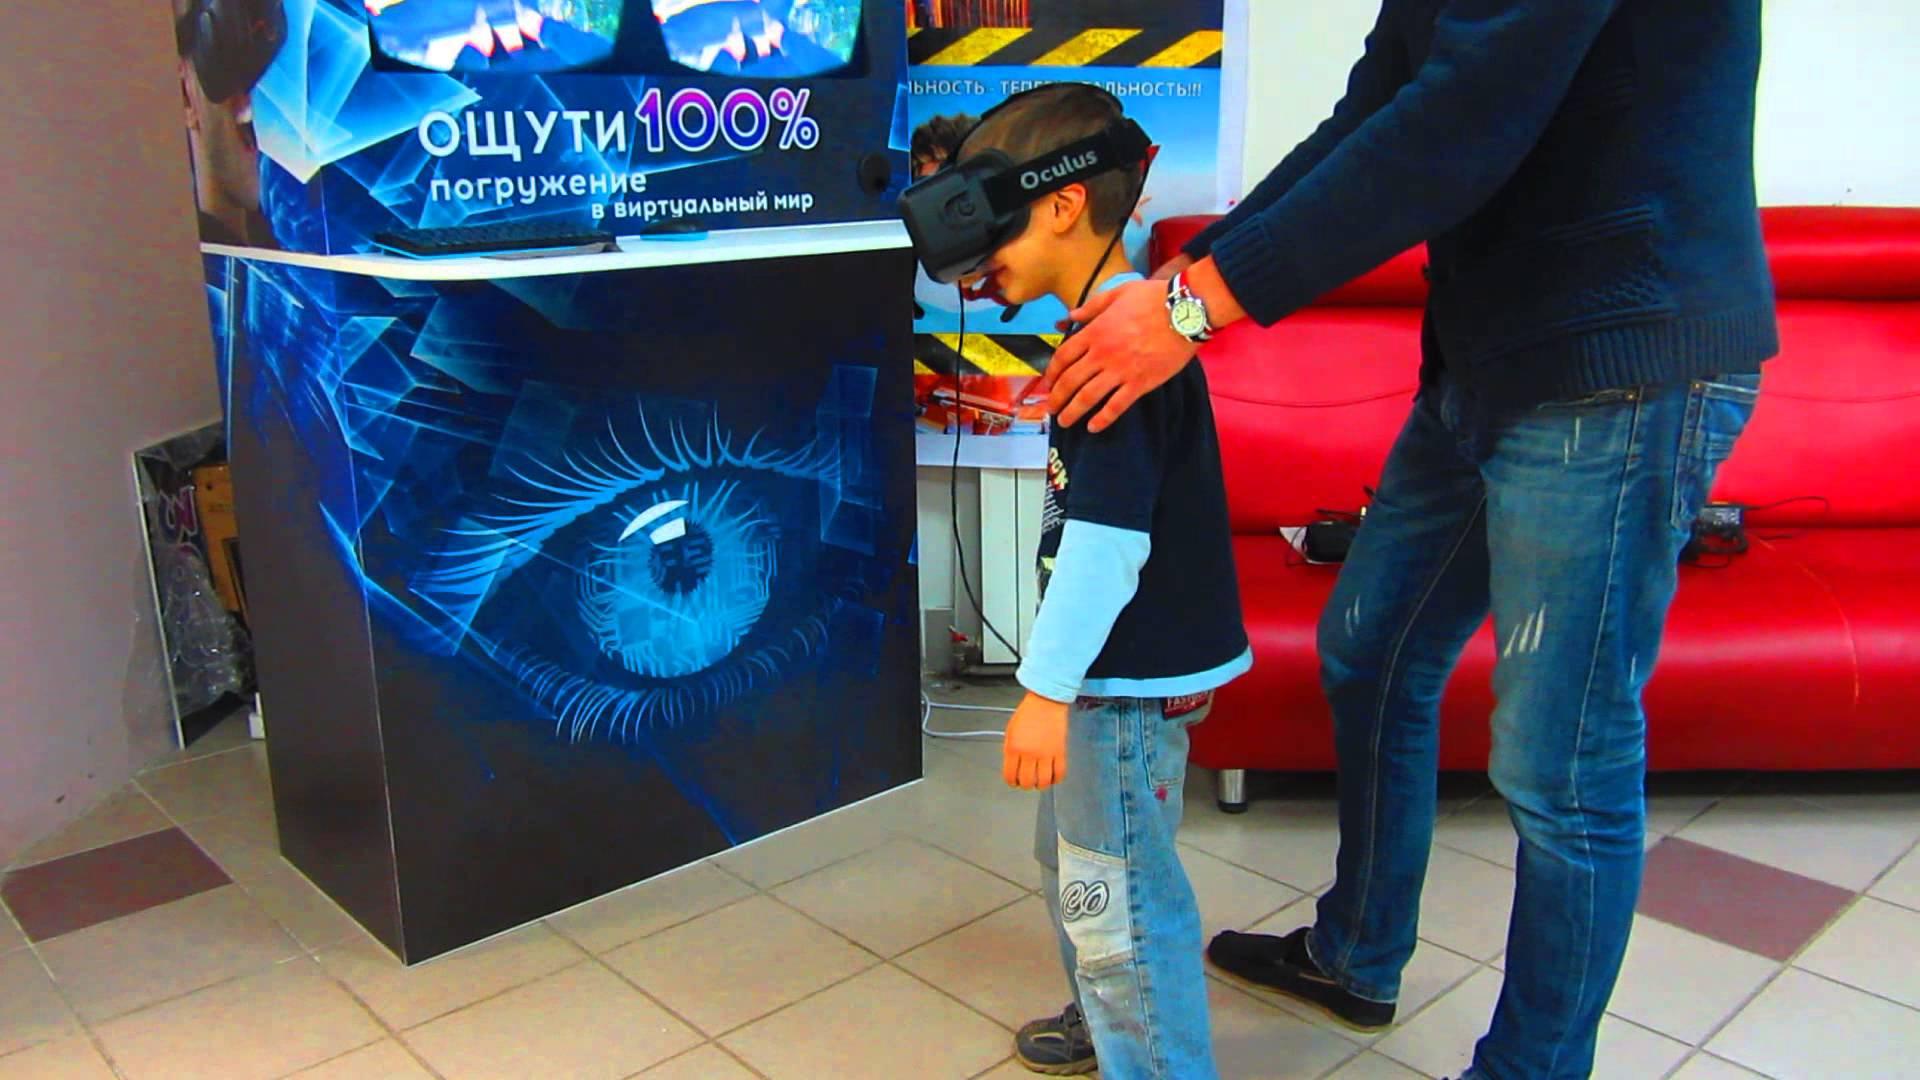 Аттракцион виртуальной реальности – доходный бизнес вне сезона